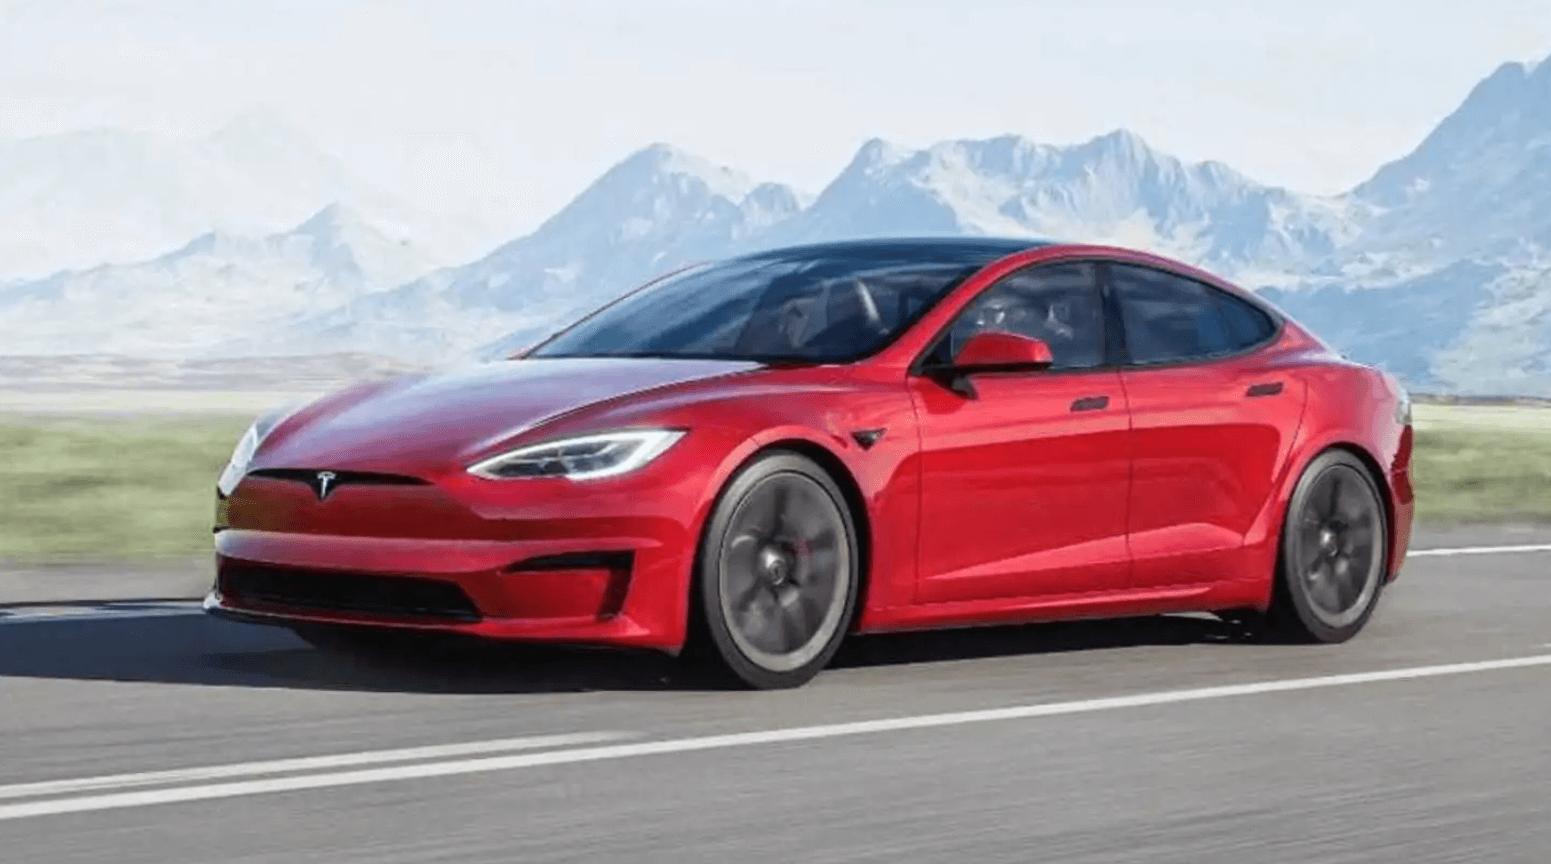 Обновленный спрос на Tesla Model S, кажется, высок и растет - Tesla Motors Club